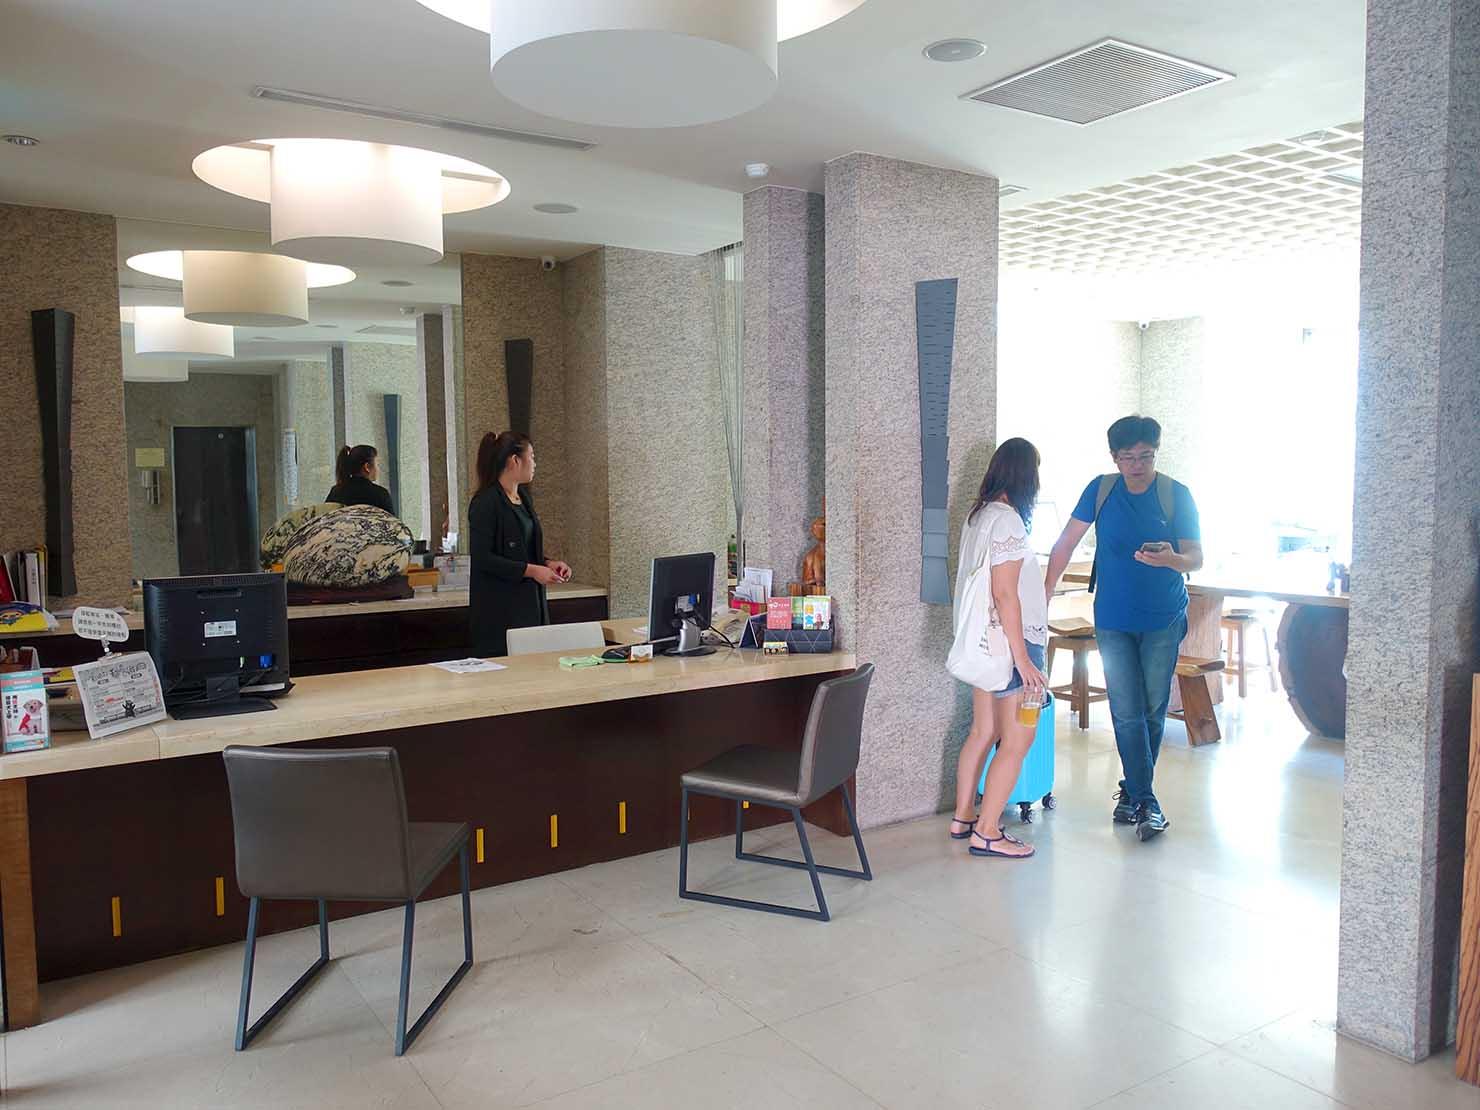 花蓮市街中心部にあるホテル「馥麗生活旅店 Quality Inn」のチェックインカウンター